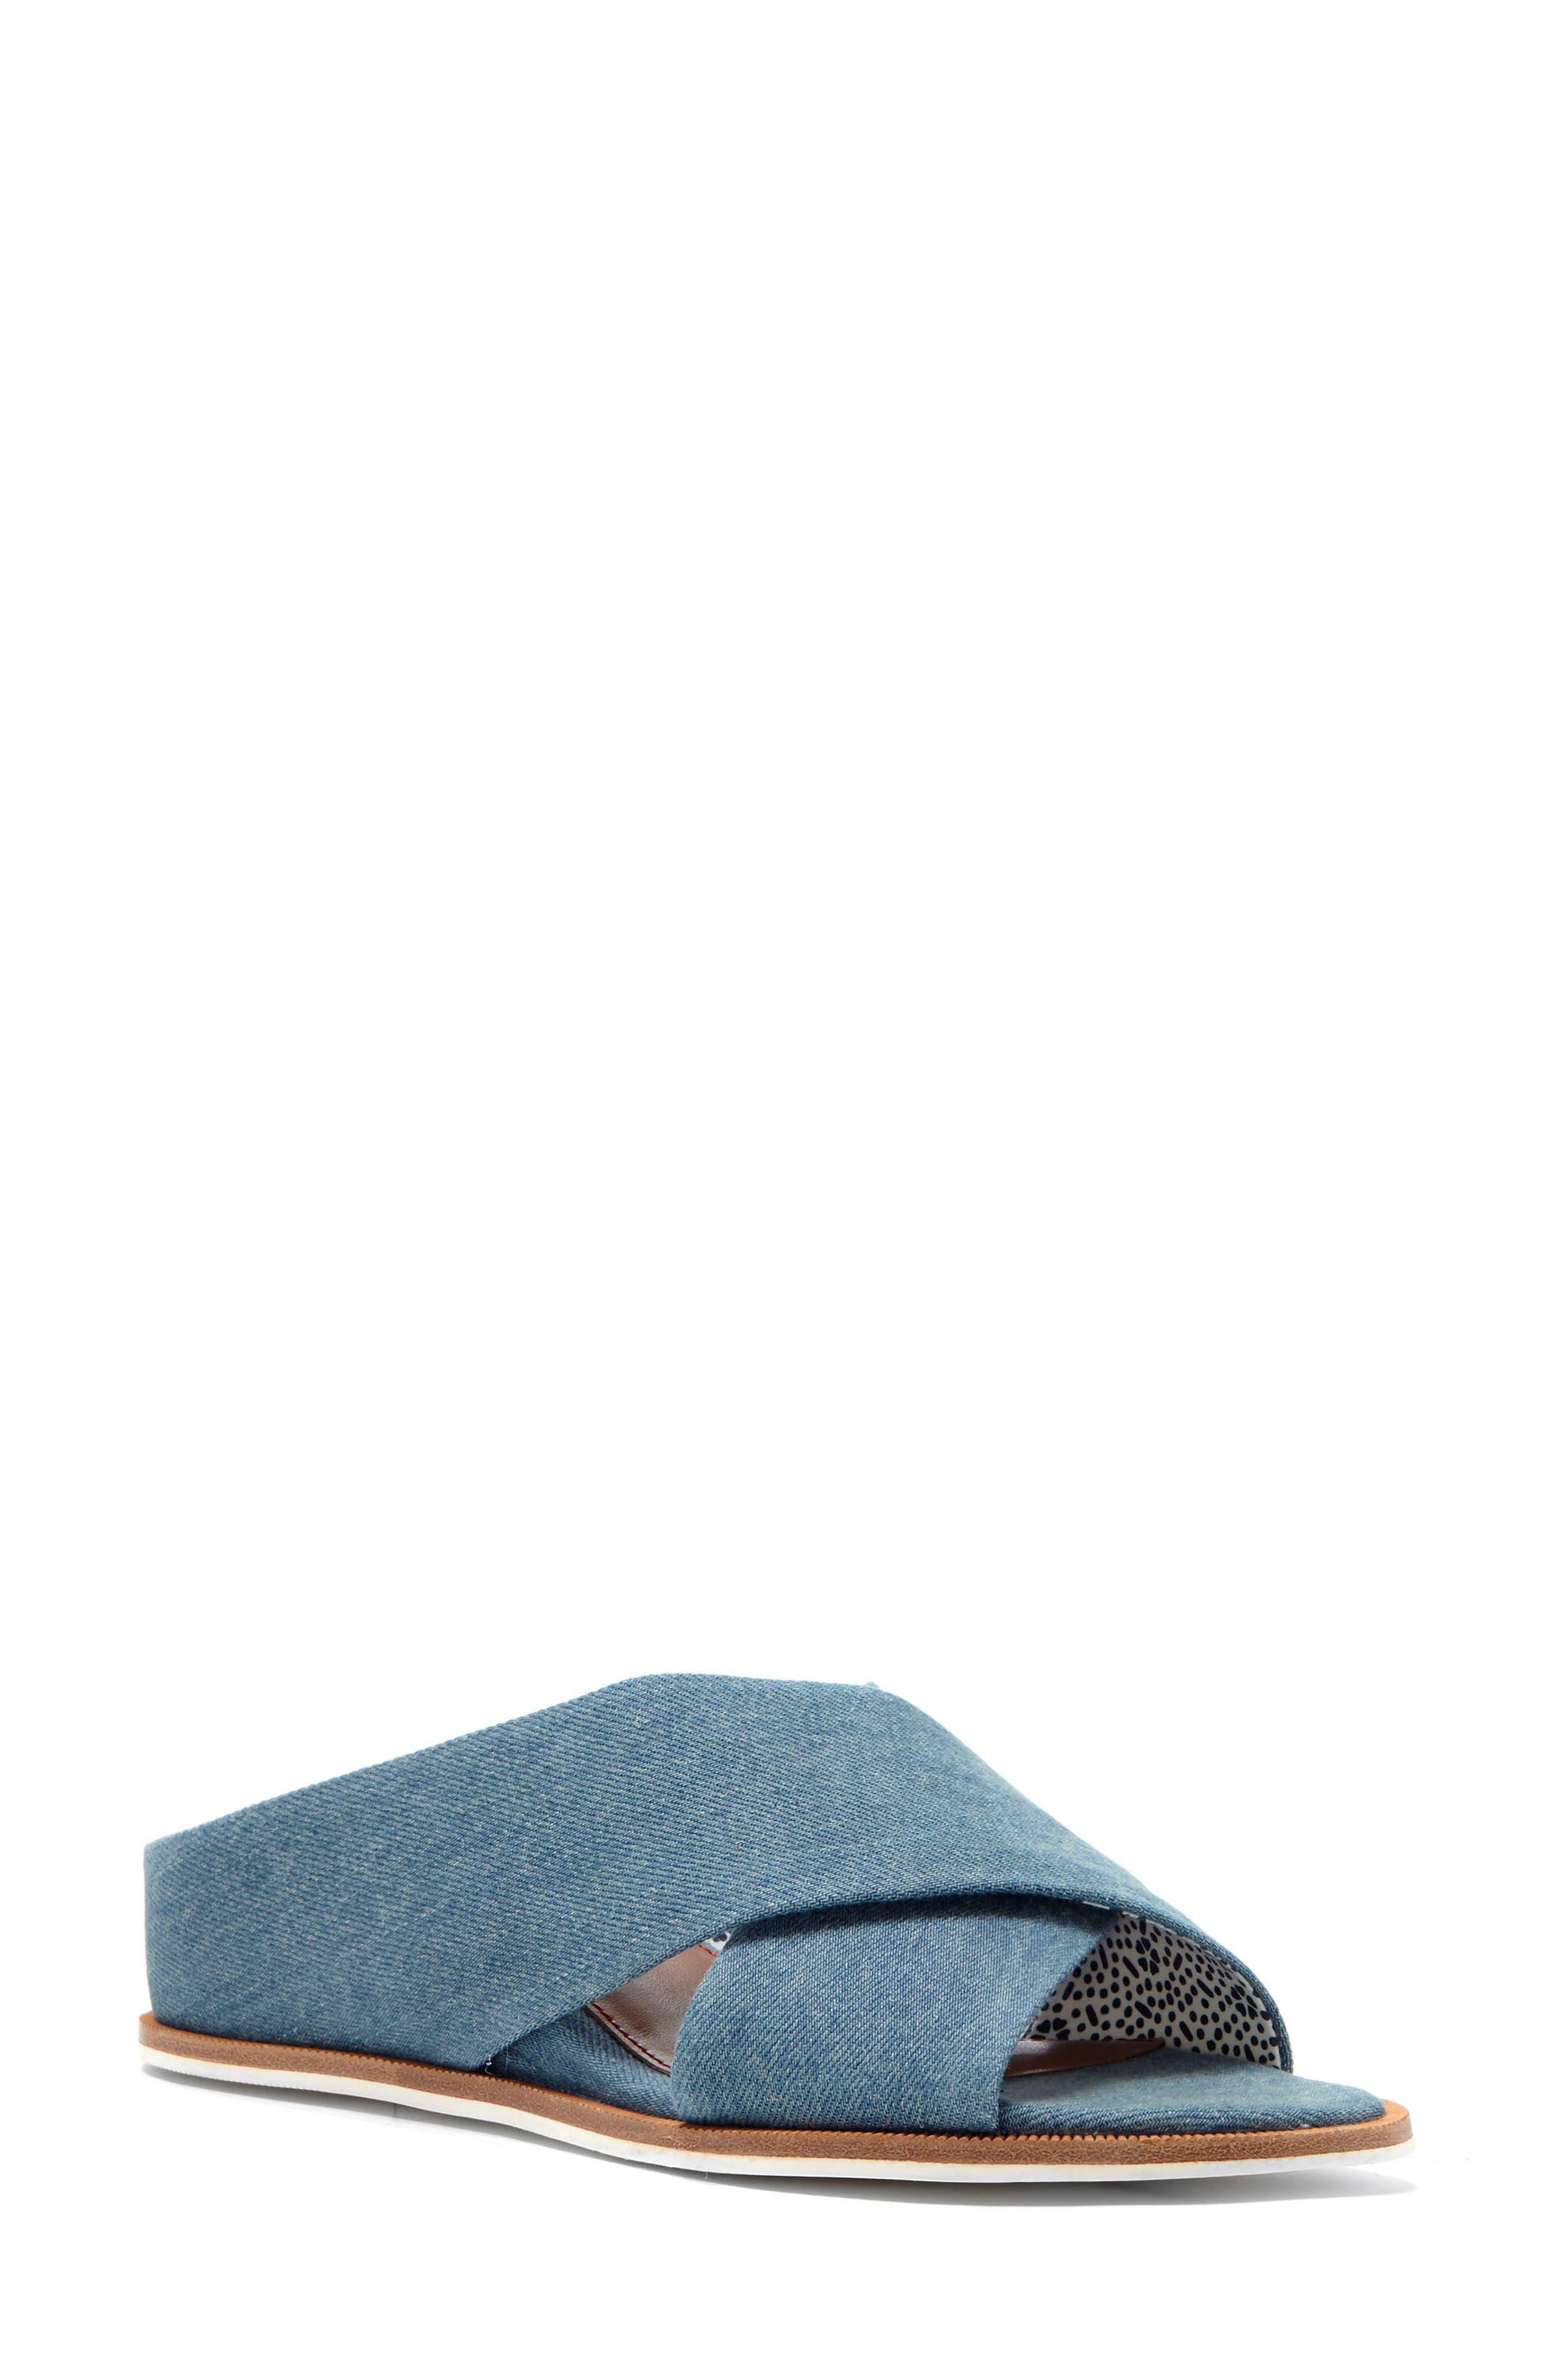 Treya Slide Sandal,                             Main thumbnail 3, color,